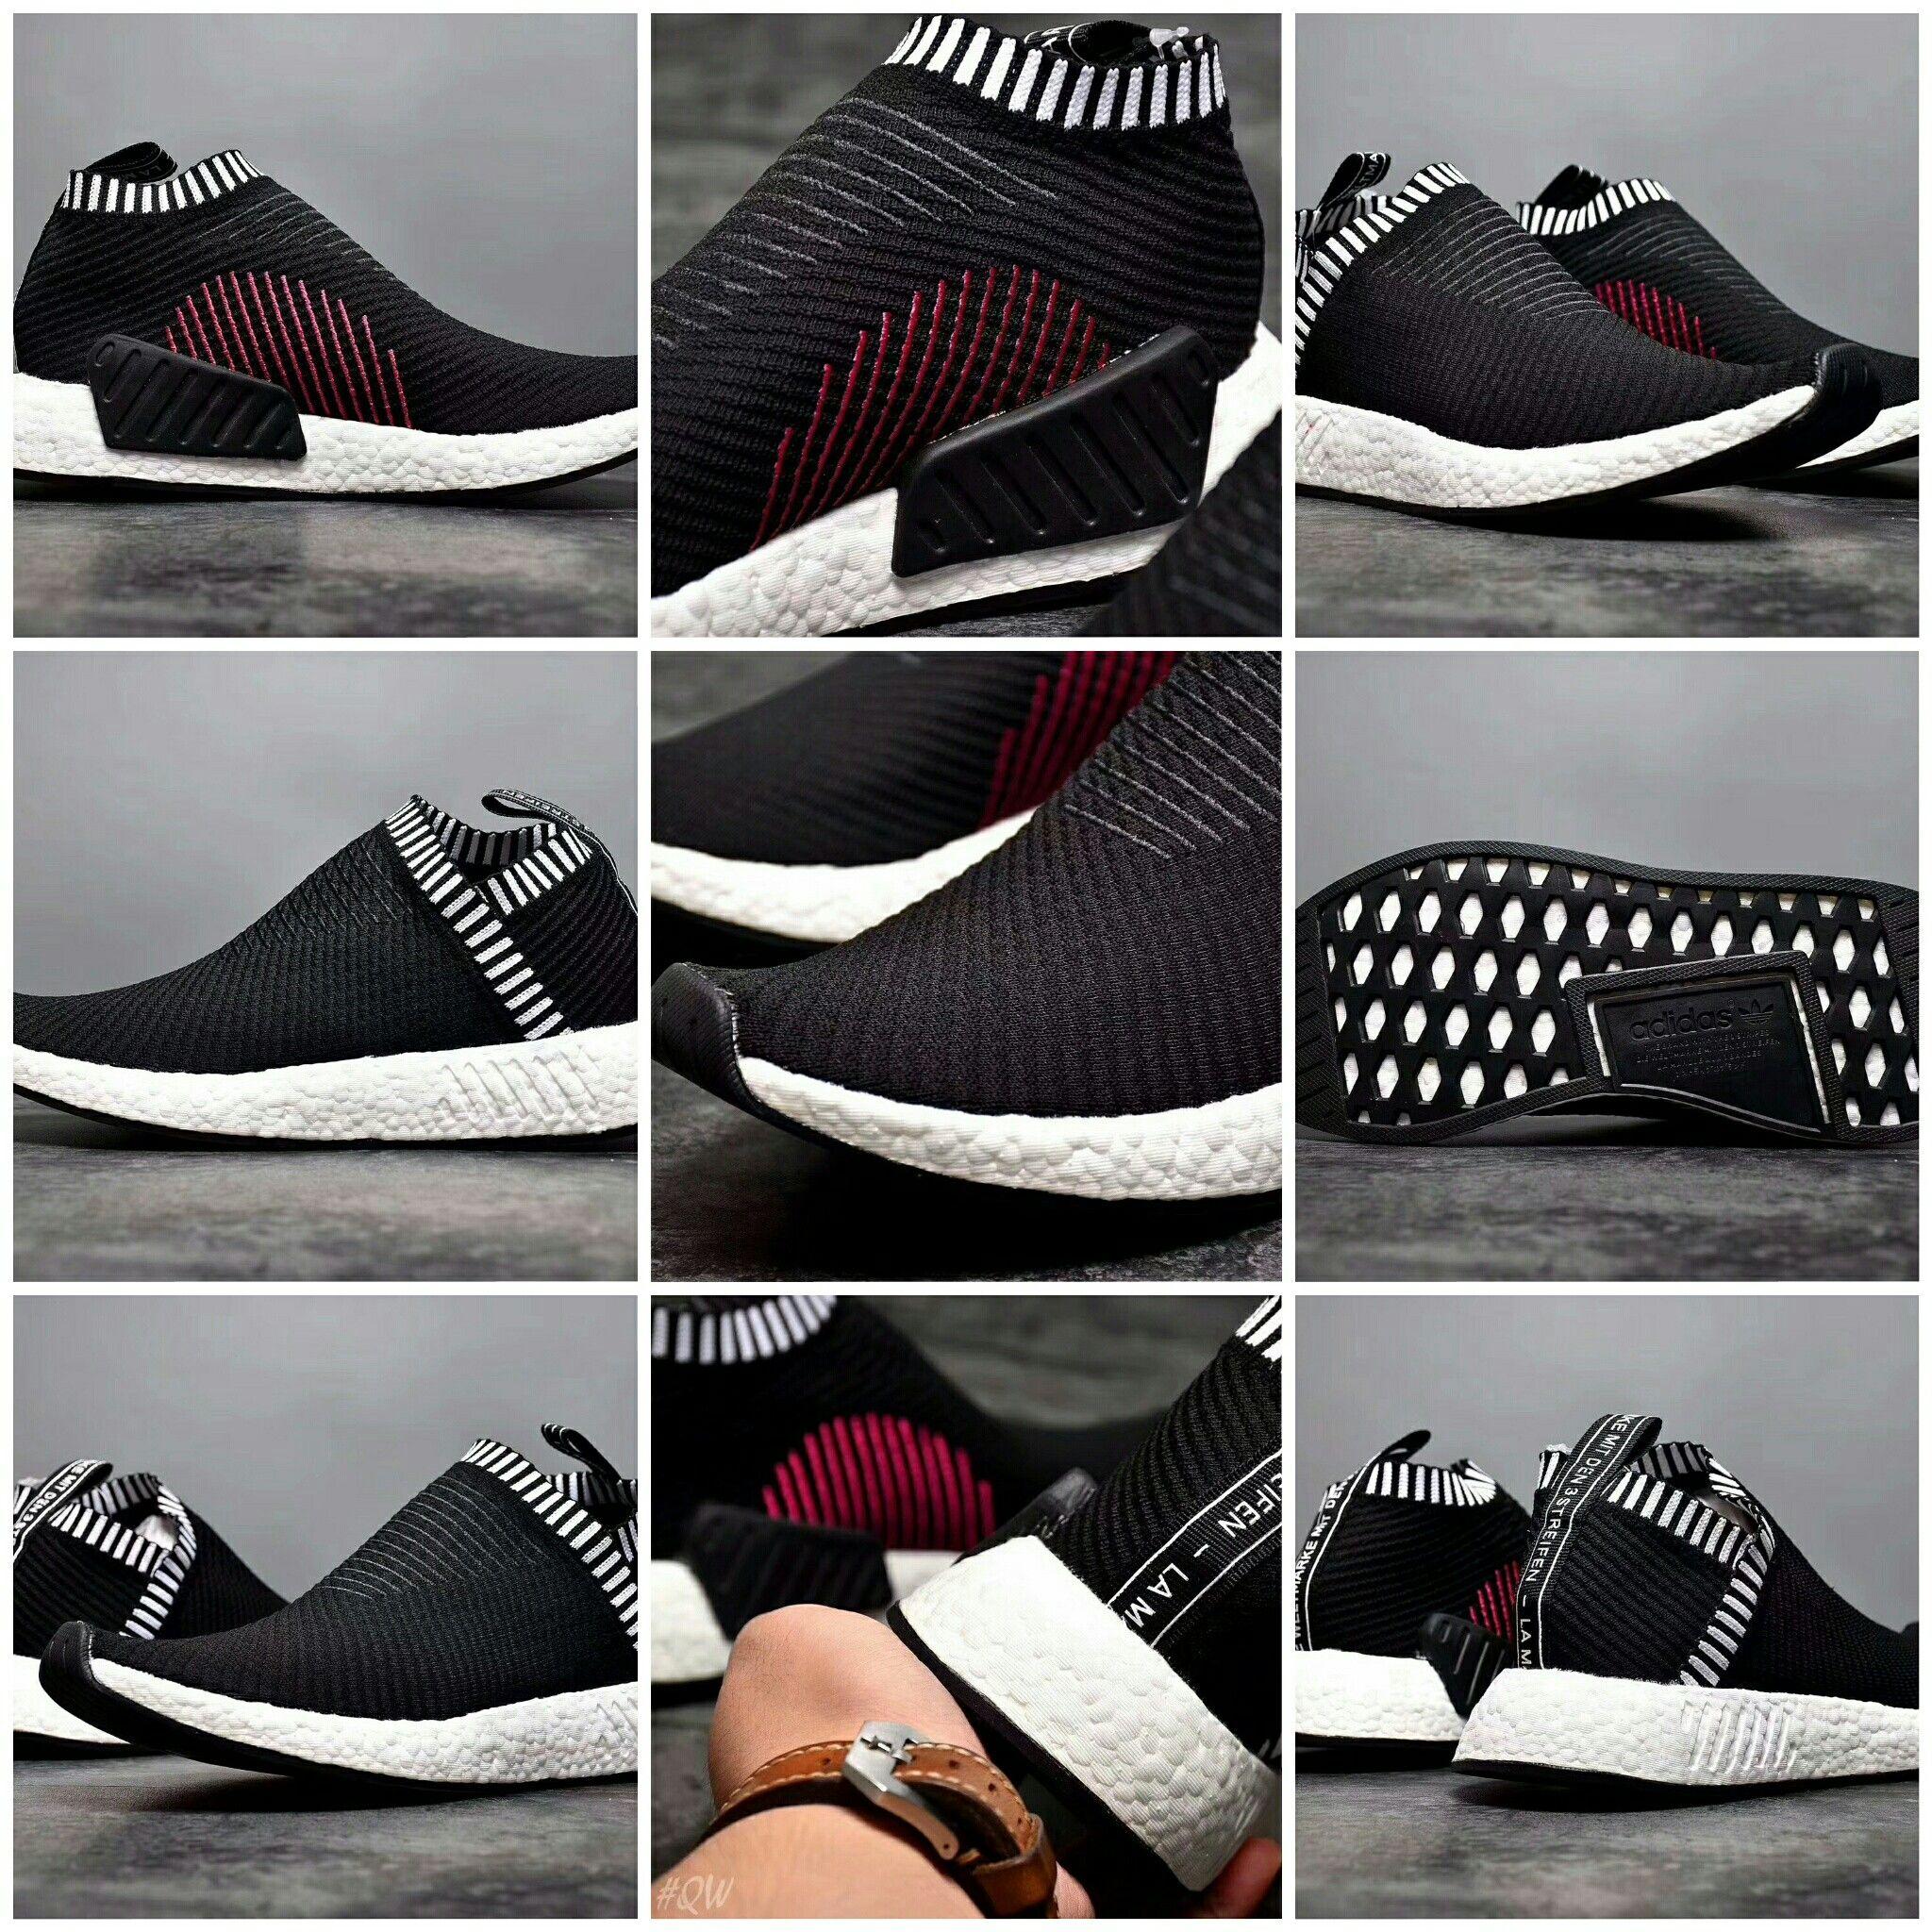 Adidas original x bape nmd 37 Größe 3645 für Frauen Männer Nr.10